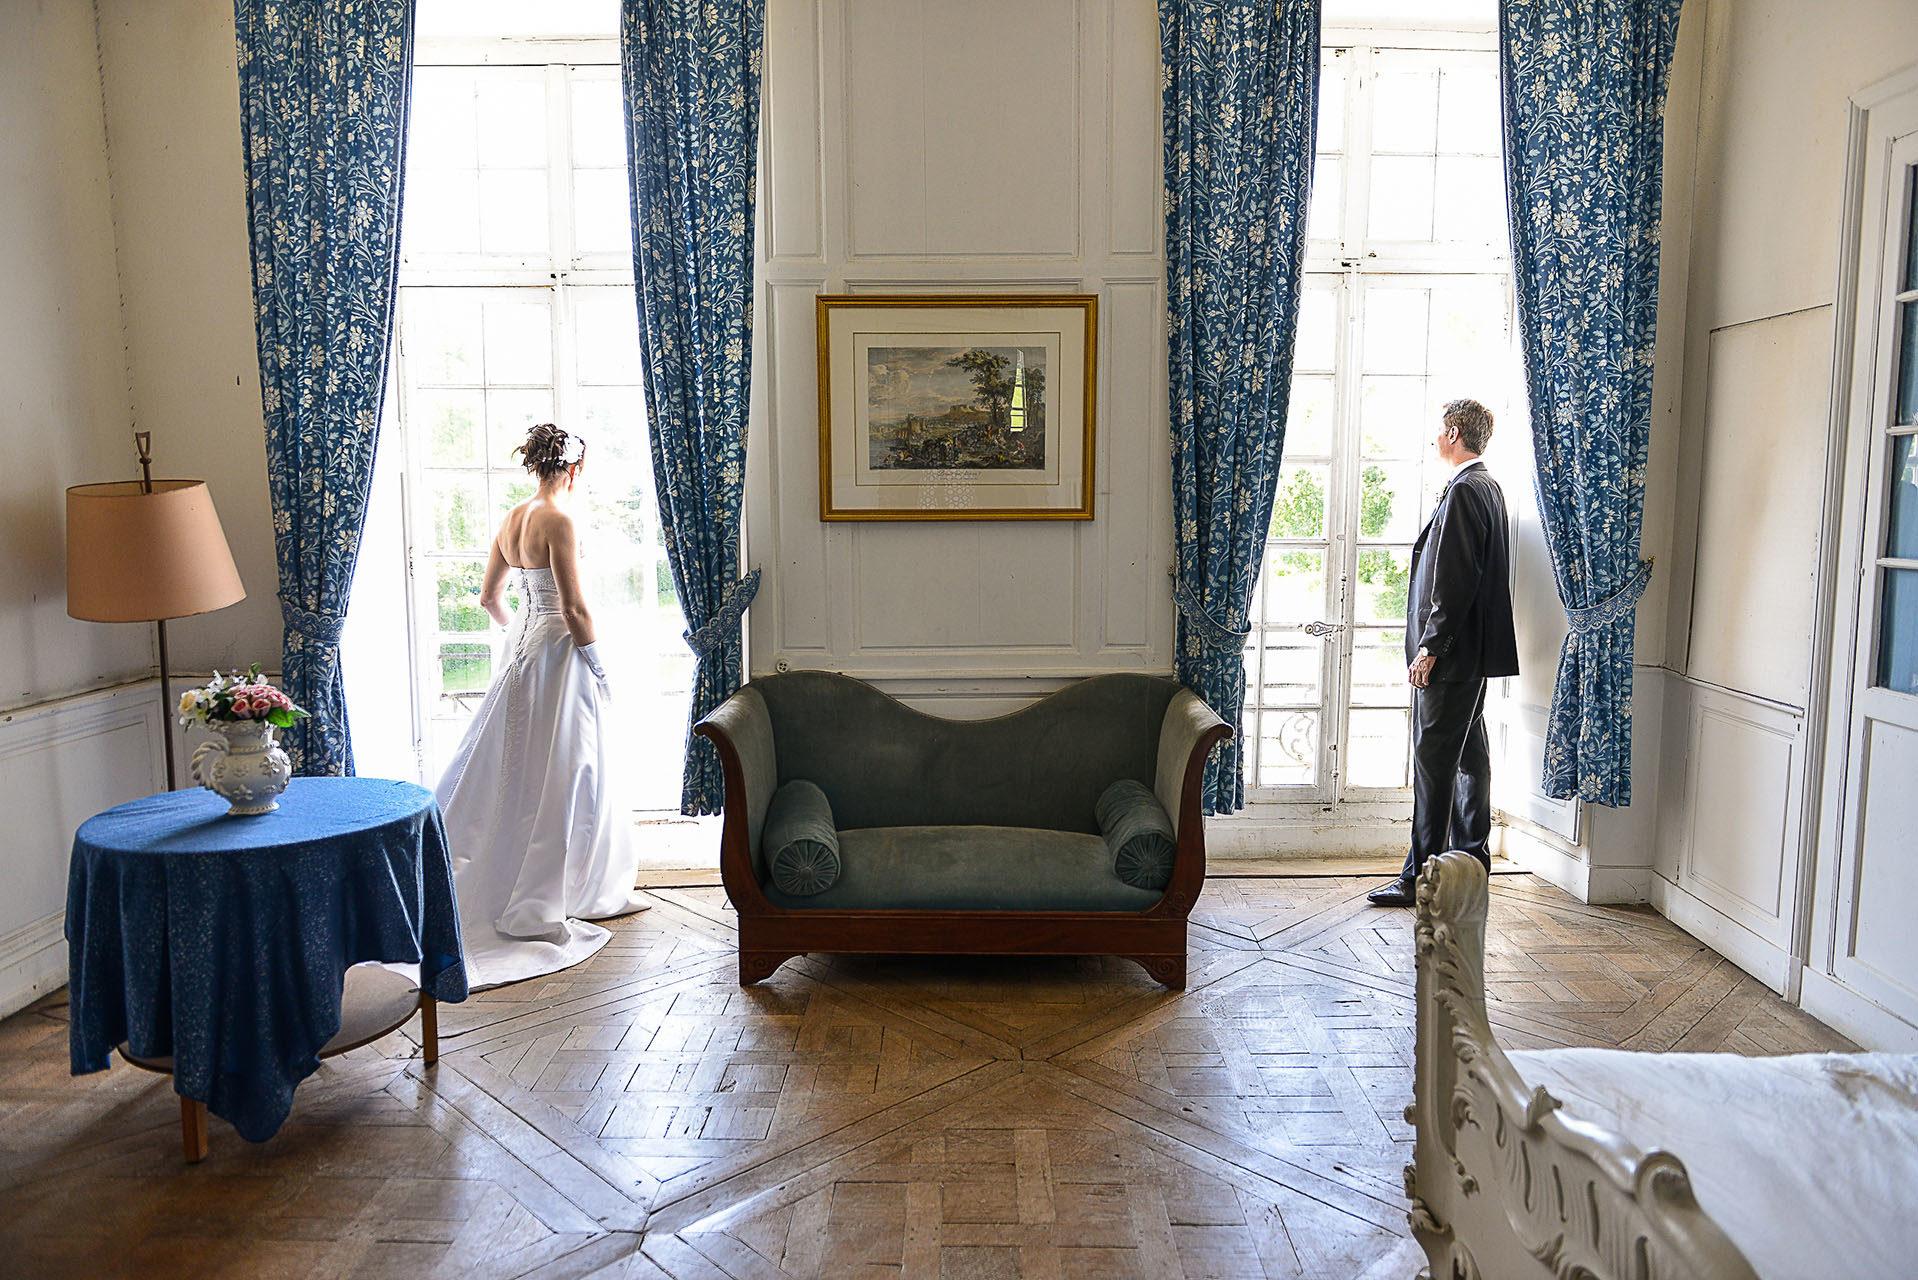 photos-mariage-photographe-ile-de-france-hauts-de-seine